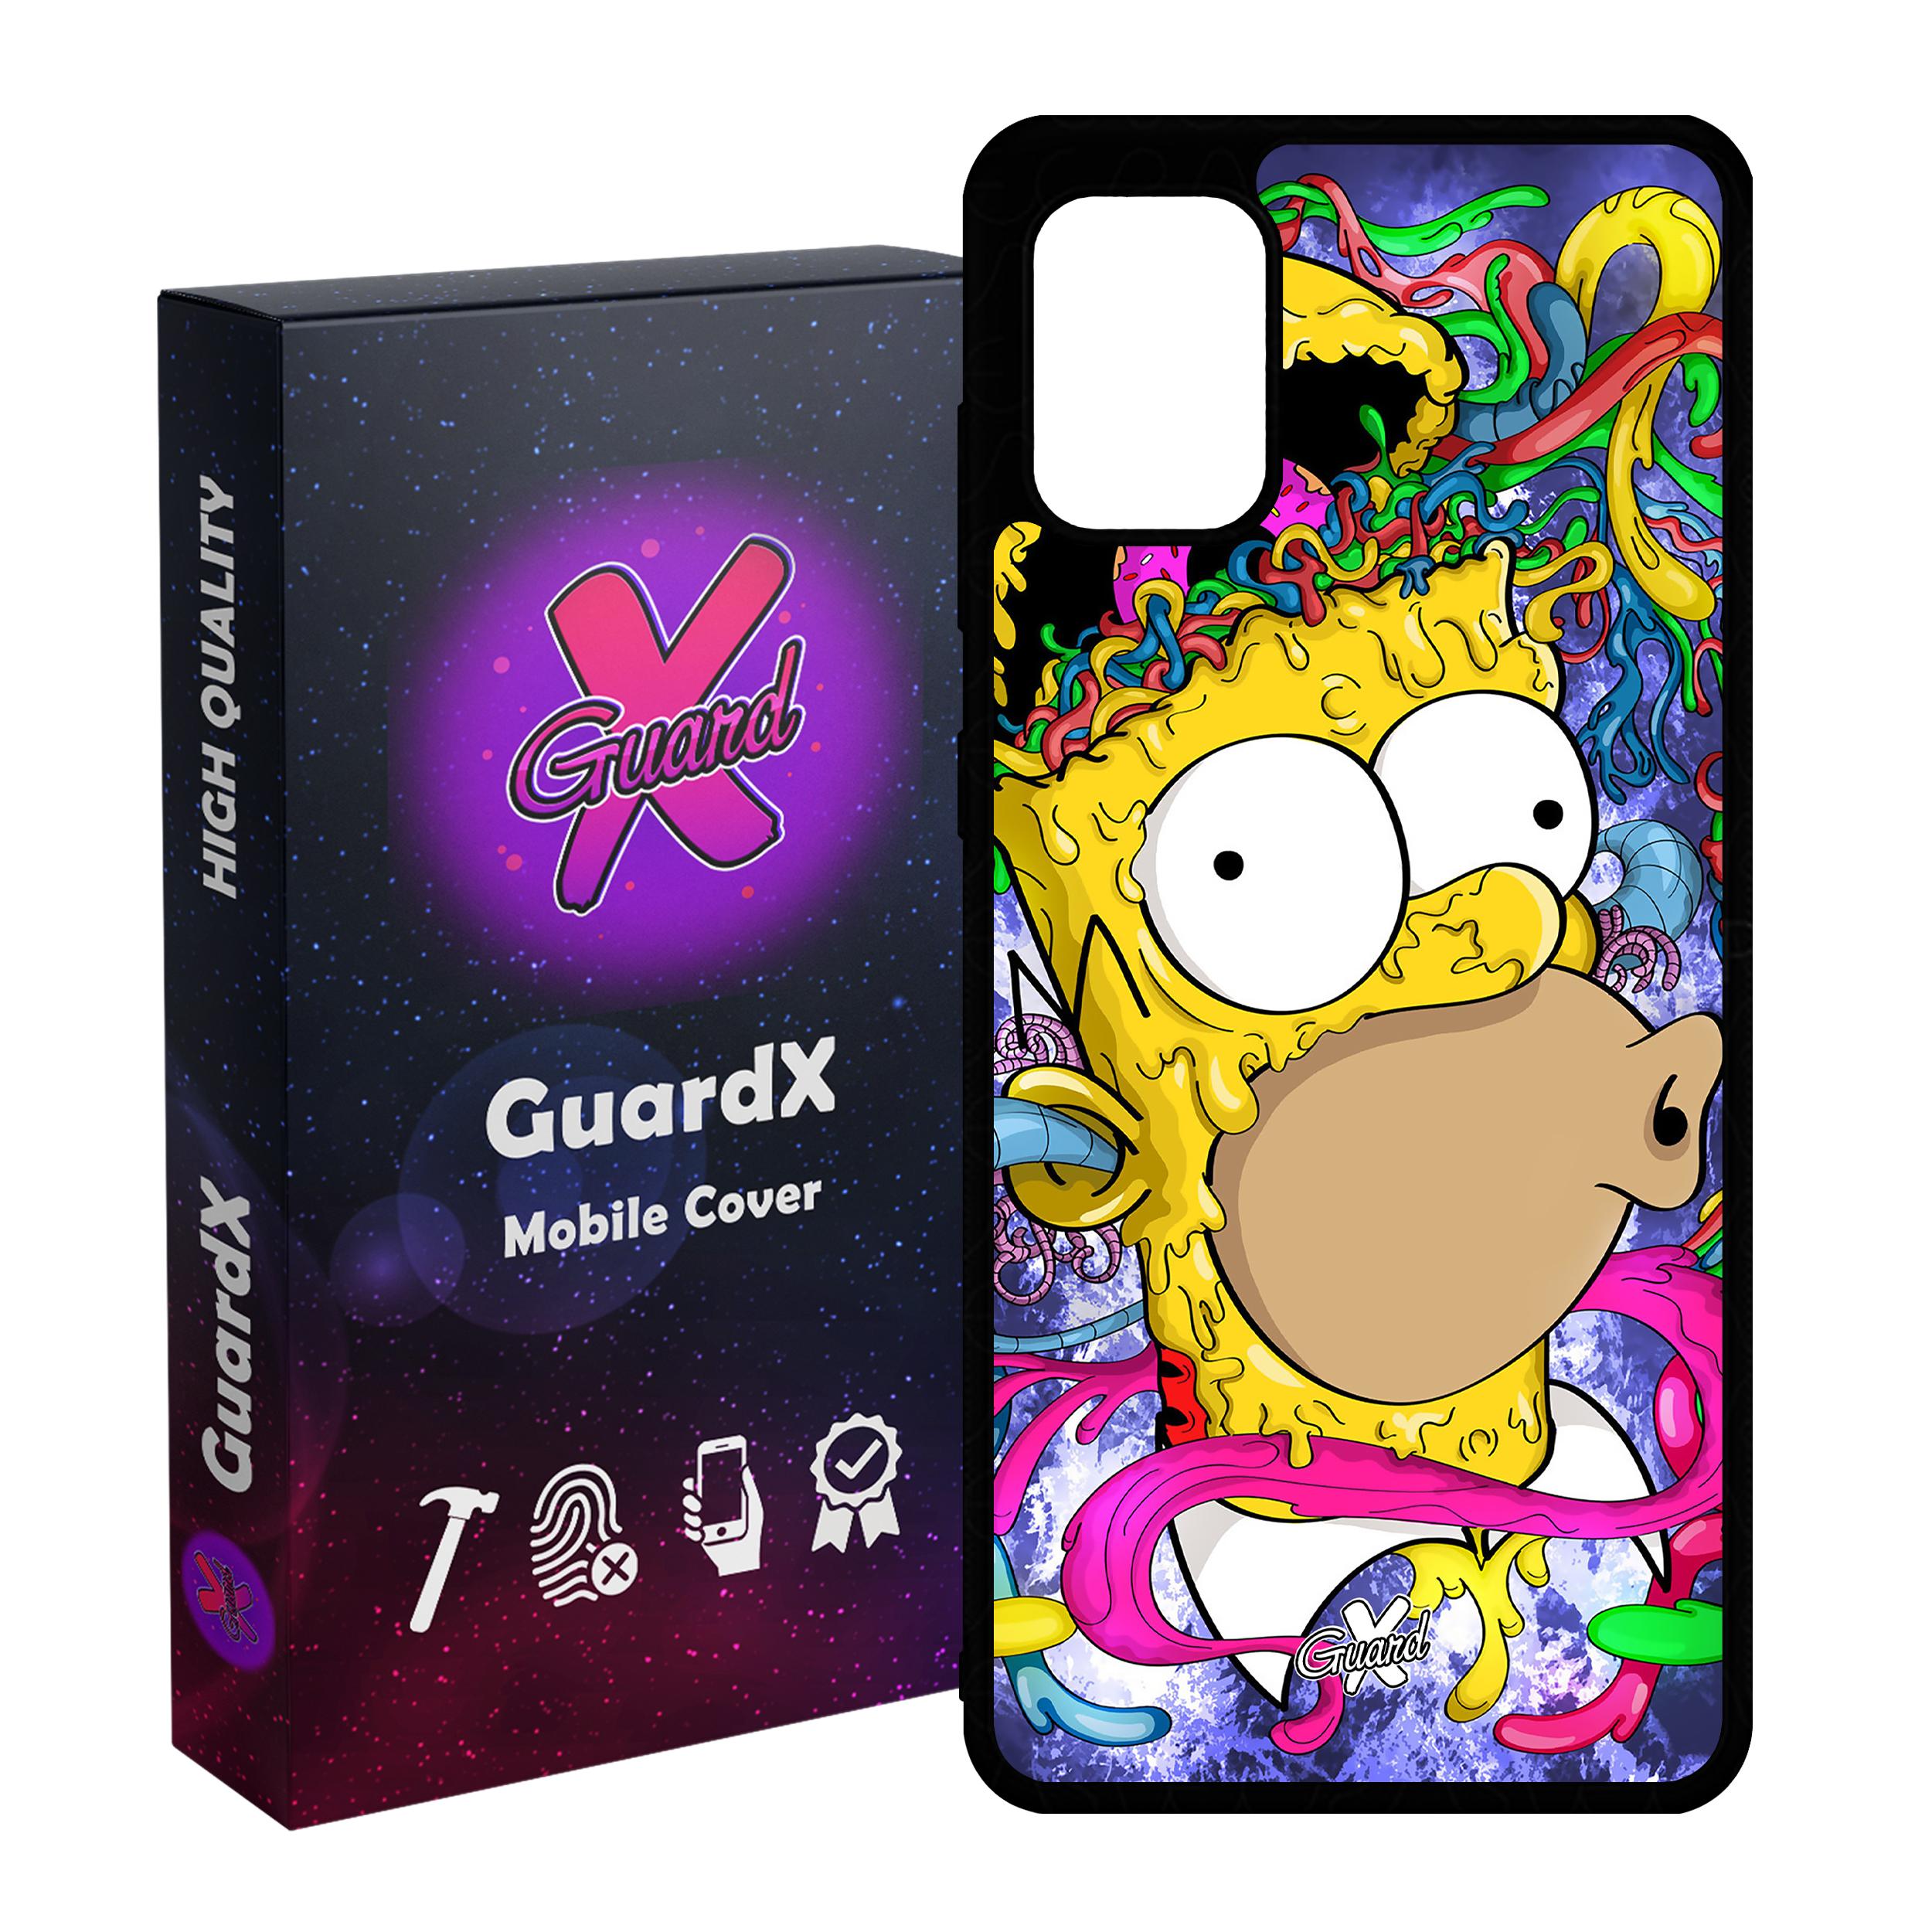 کاور گارد ایکس طرح Simpsons مدل Glass10096 مناسب برای گوشی موبایل سامسونگ Galaxy A51